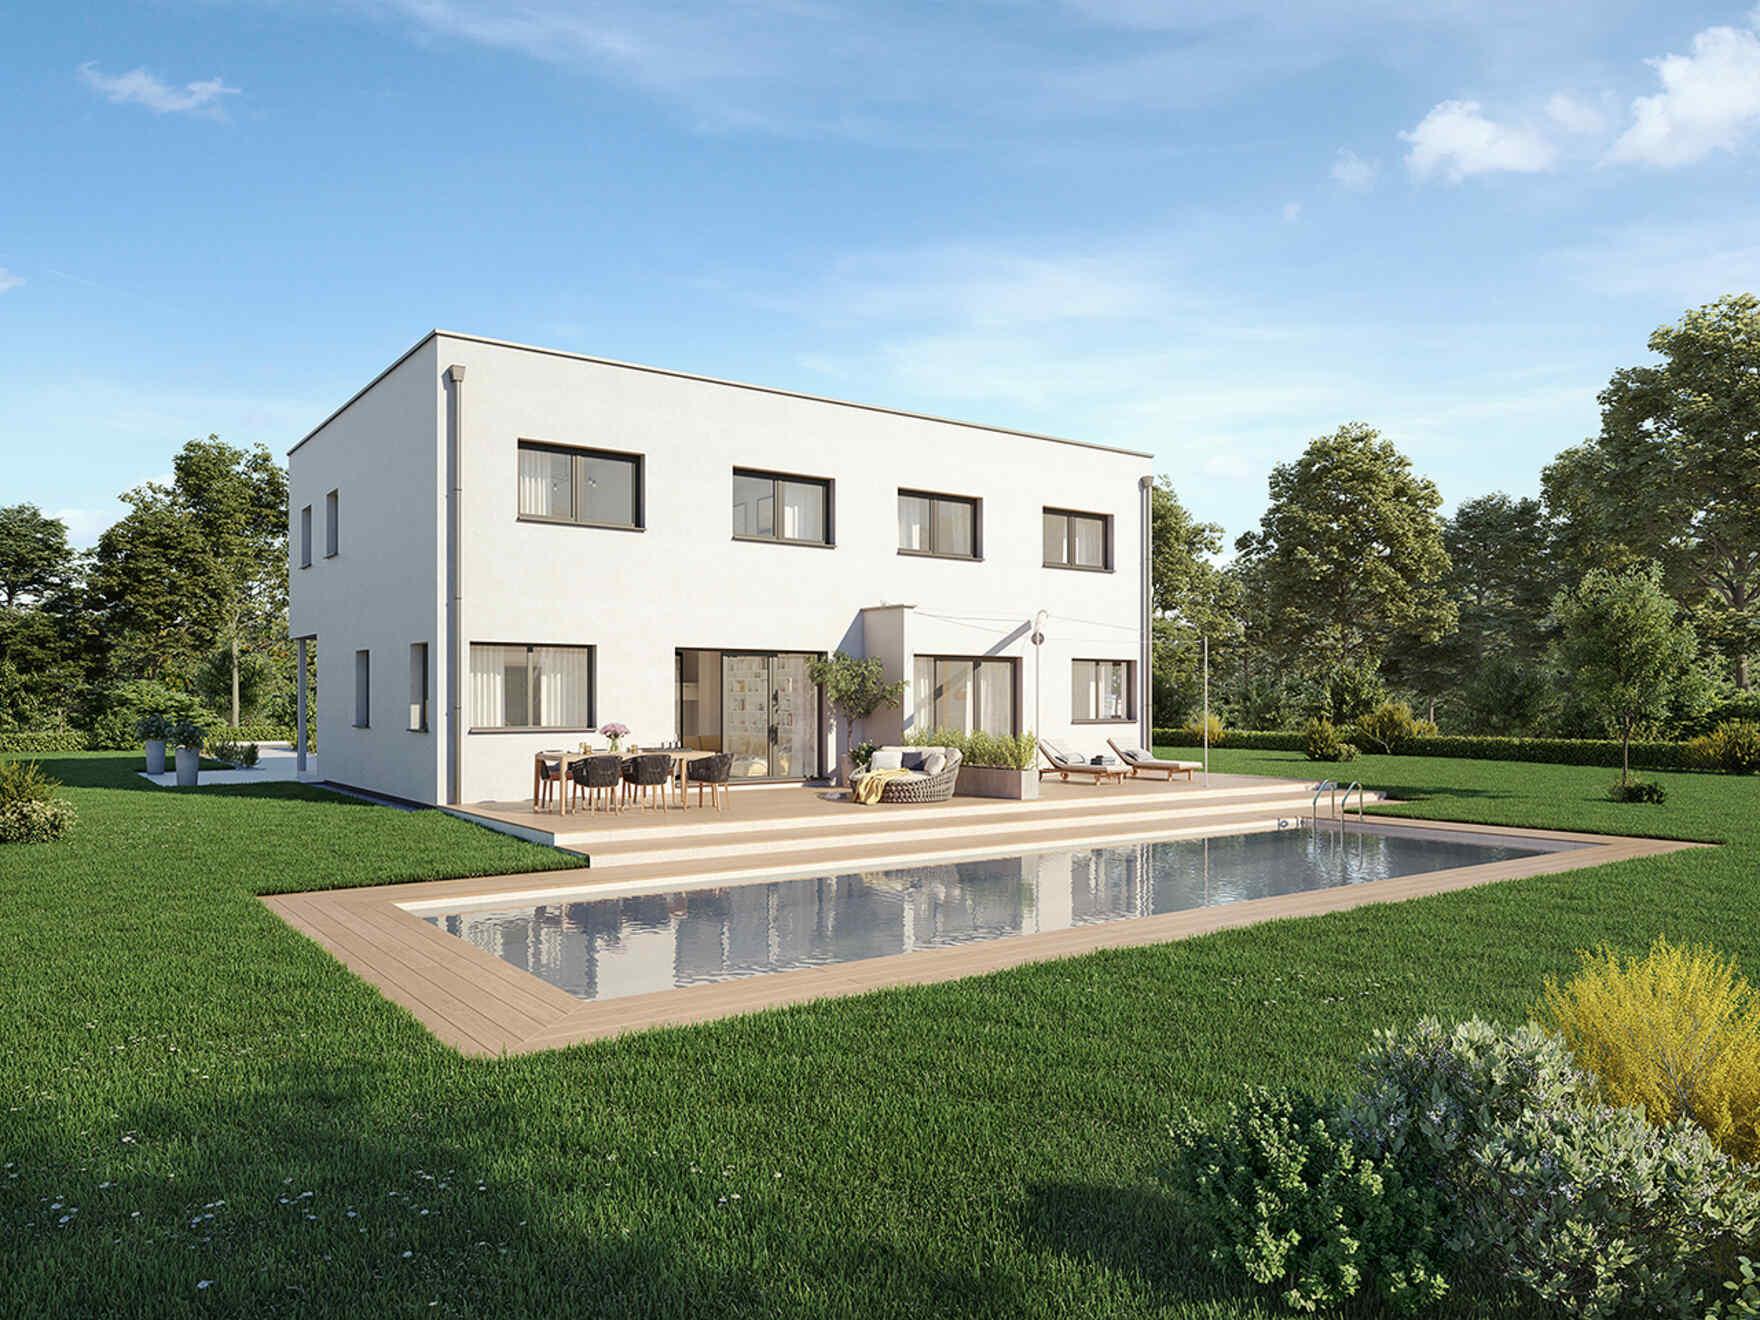 Doppelhaus Bauen Österreich | Doppelhaus Kaufen | Vario-Haus